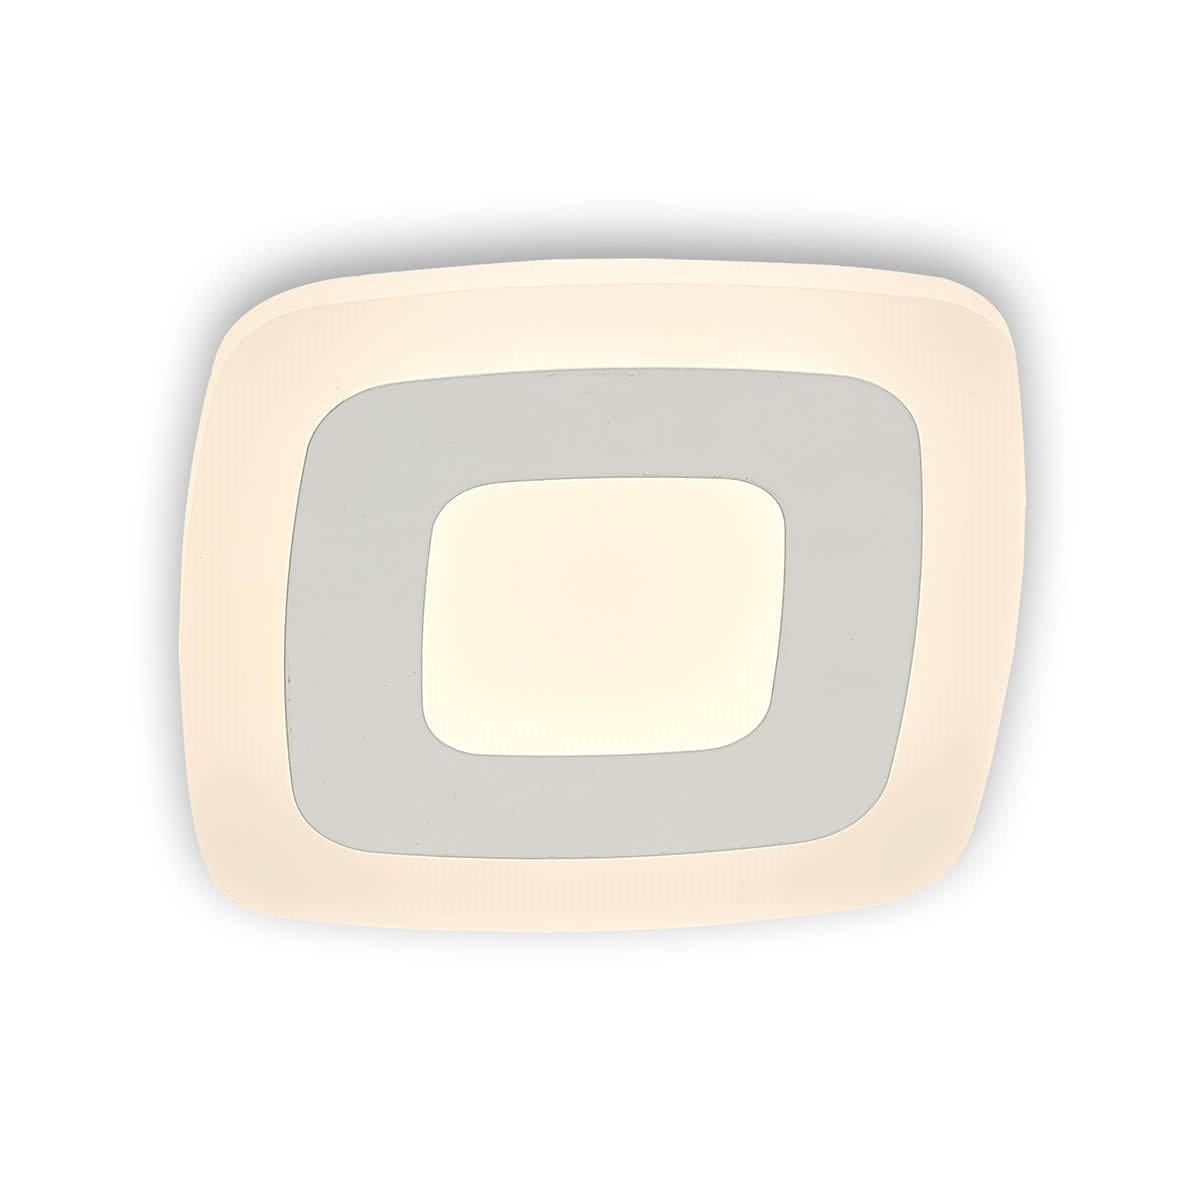 Светильник Citilux CL737B012 Триест (Пошаговое диммирование от настенного выключателя)